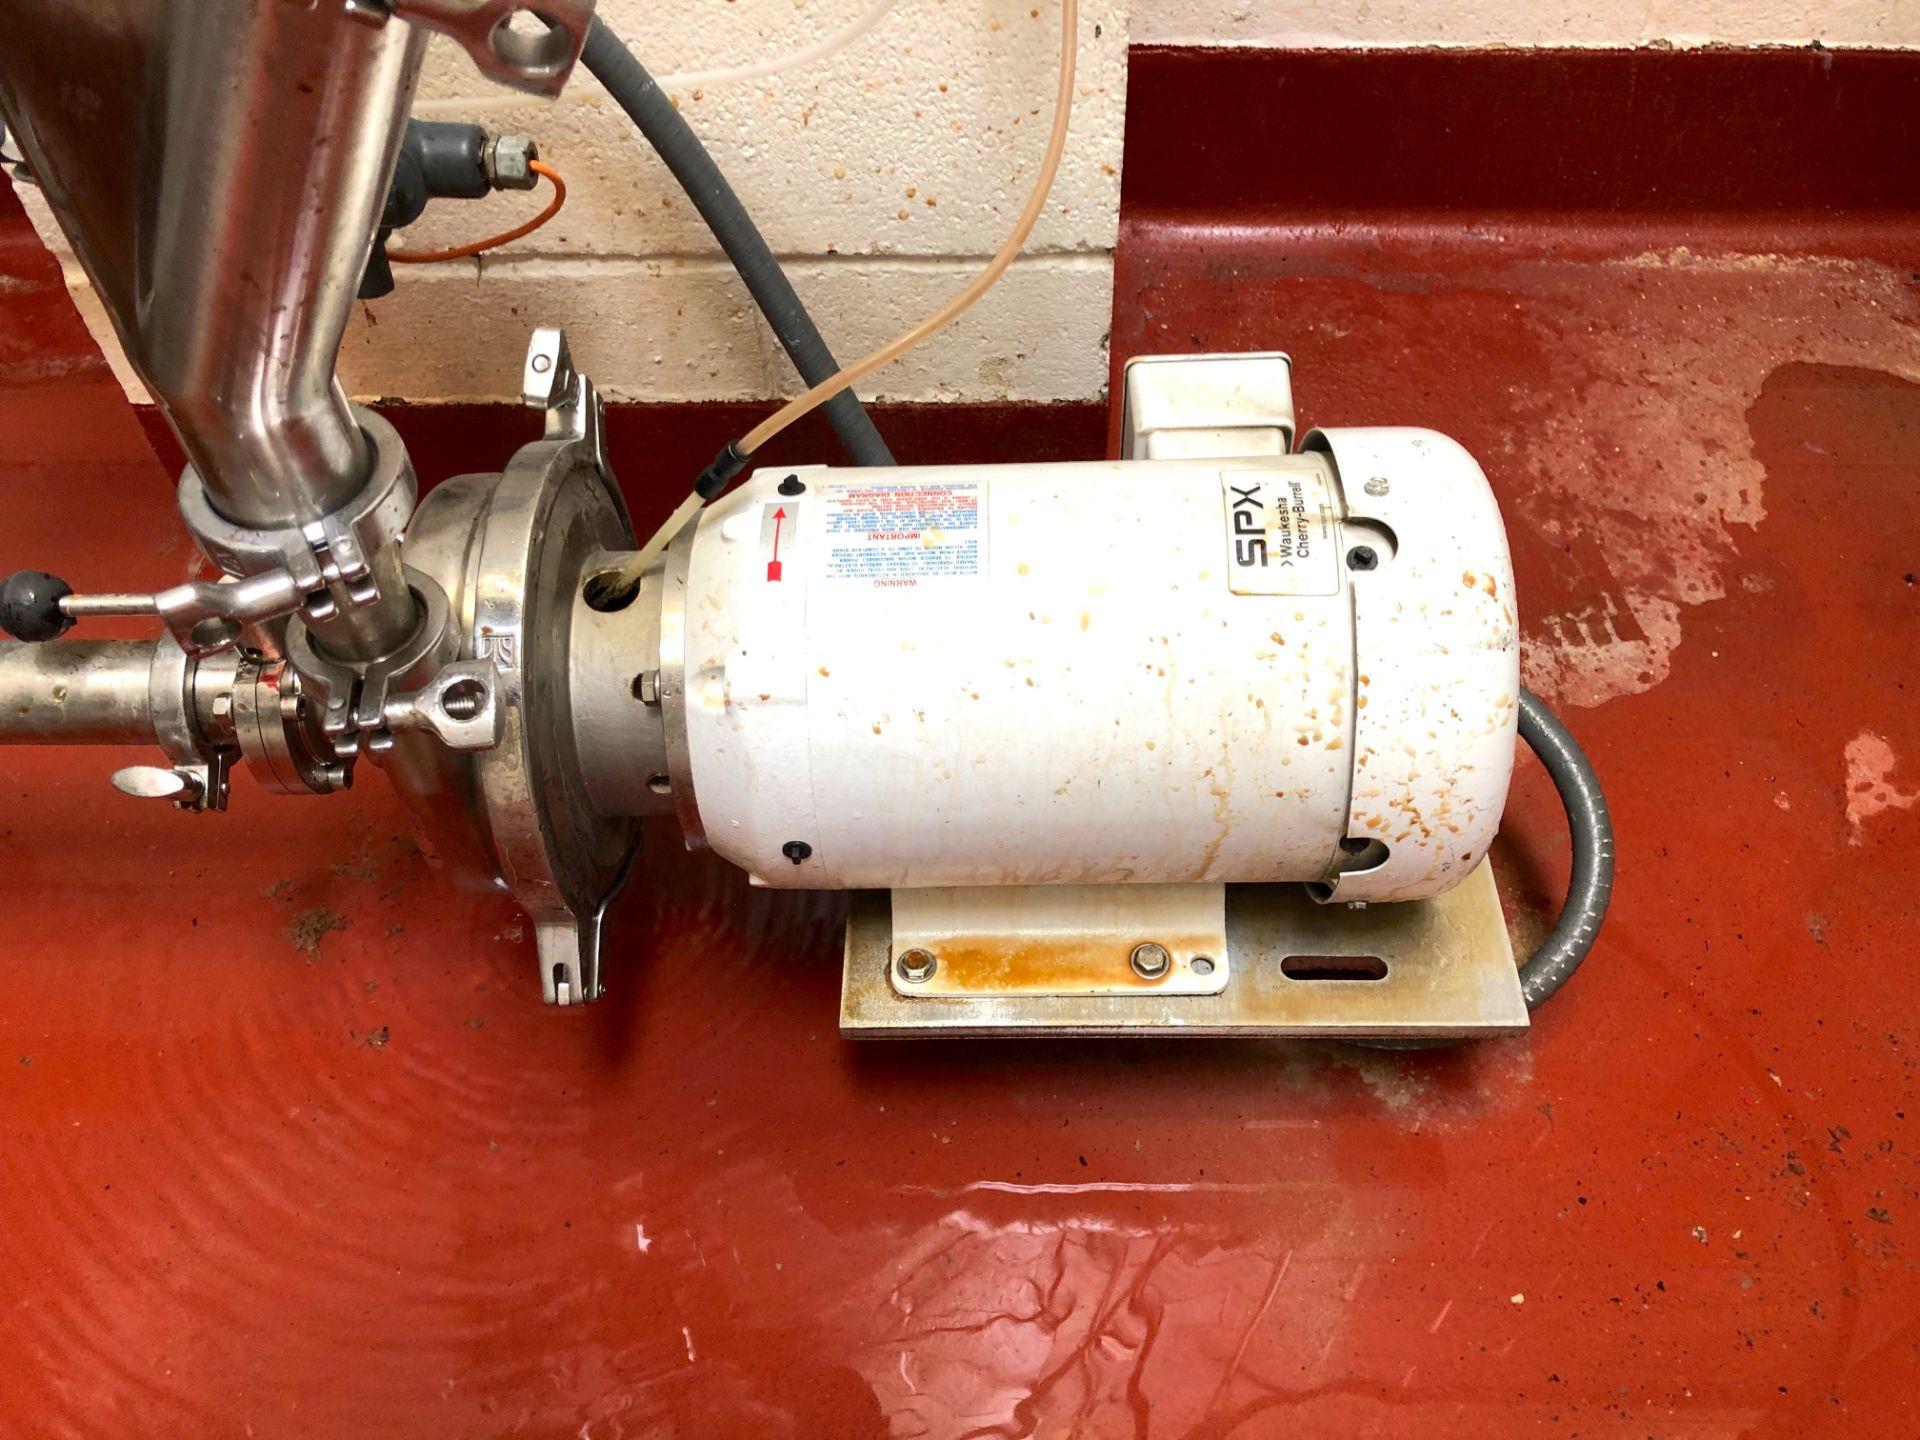 Lot 3 - SPX Waukesha Cherry Burrell Centrifugal Pump